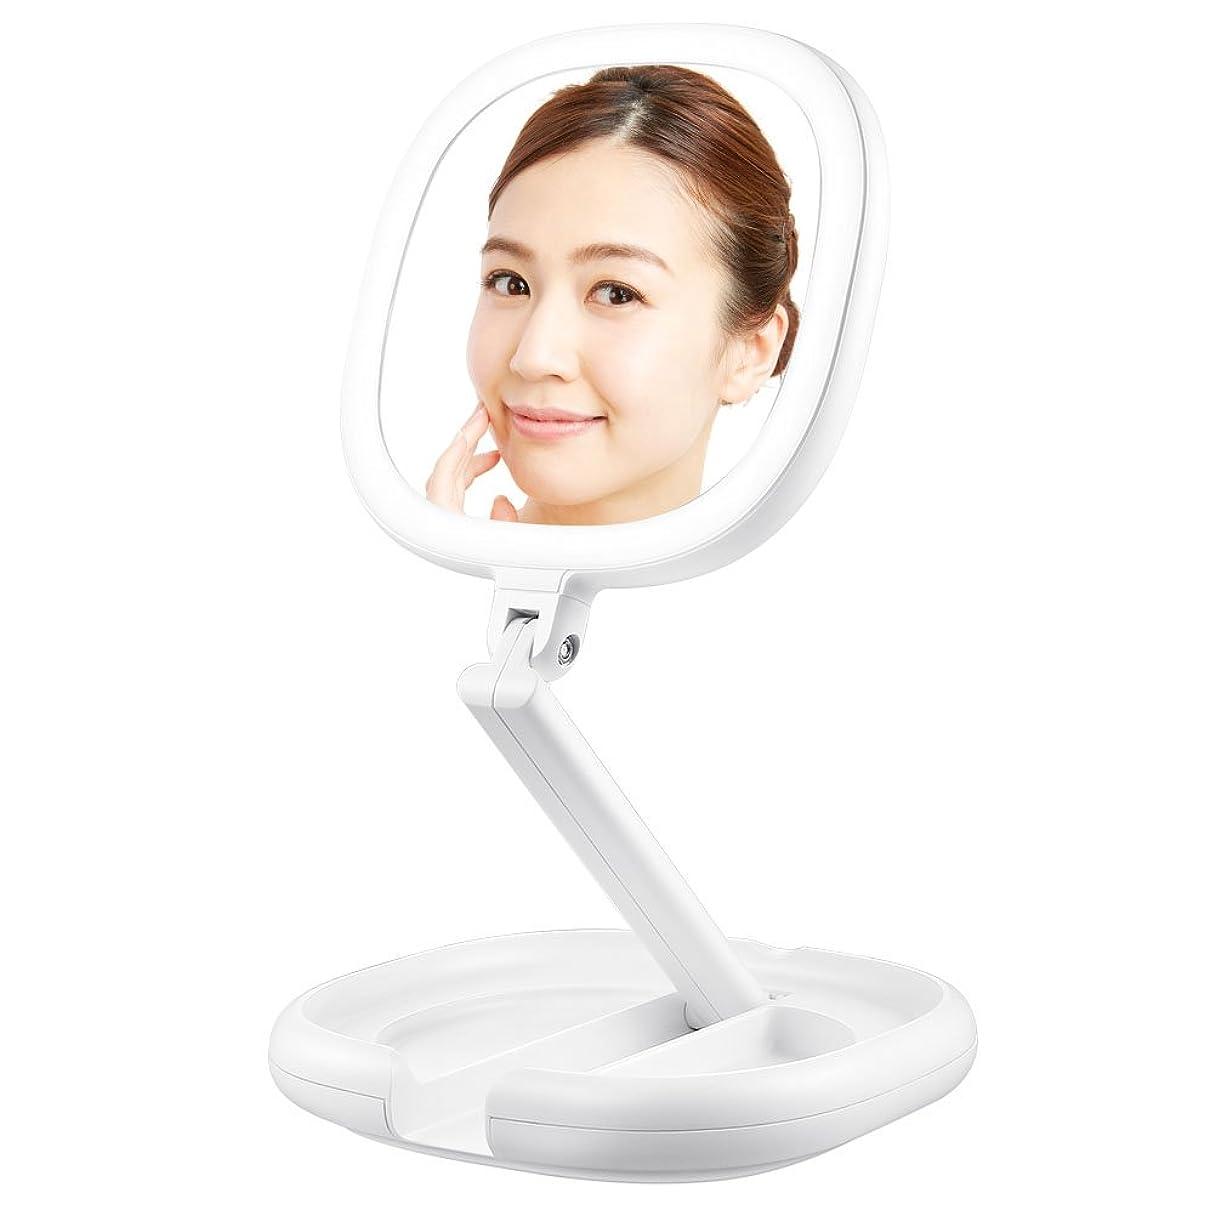 商品不測の事態障害Lavany 拡大鏡 化粧鏡 両面鏡 ledライト付きミラー 卓上鏡 BM-1716